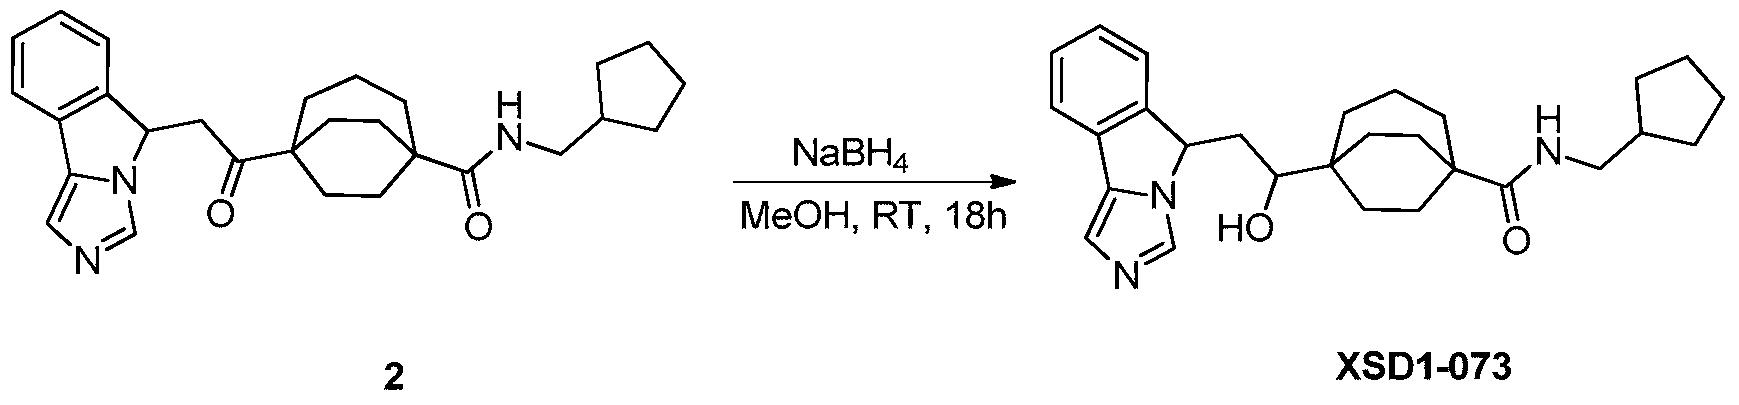 Figure PCTCN2017084604-appb-000096